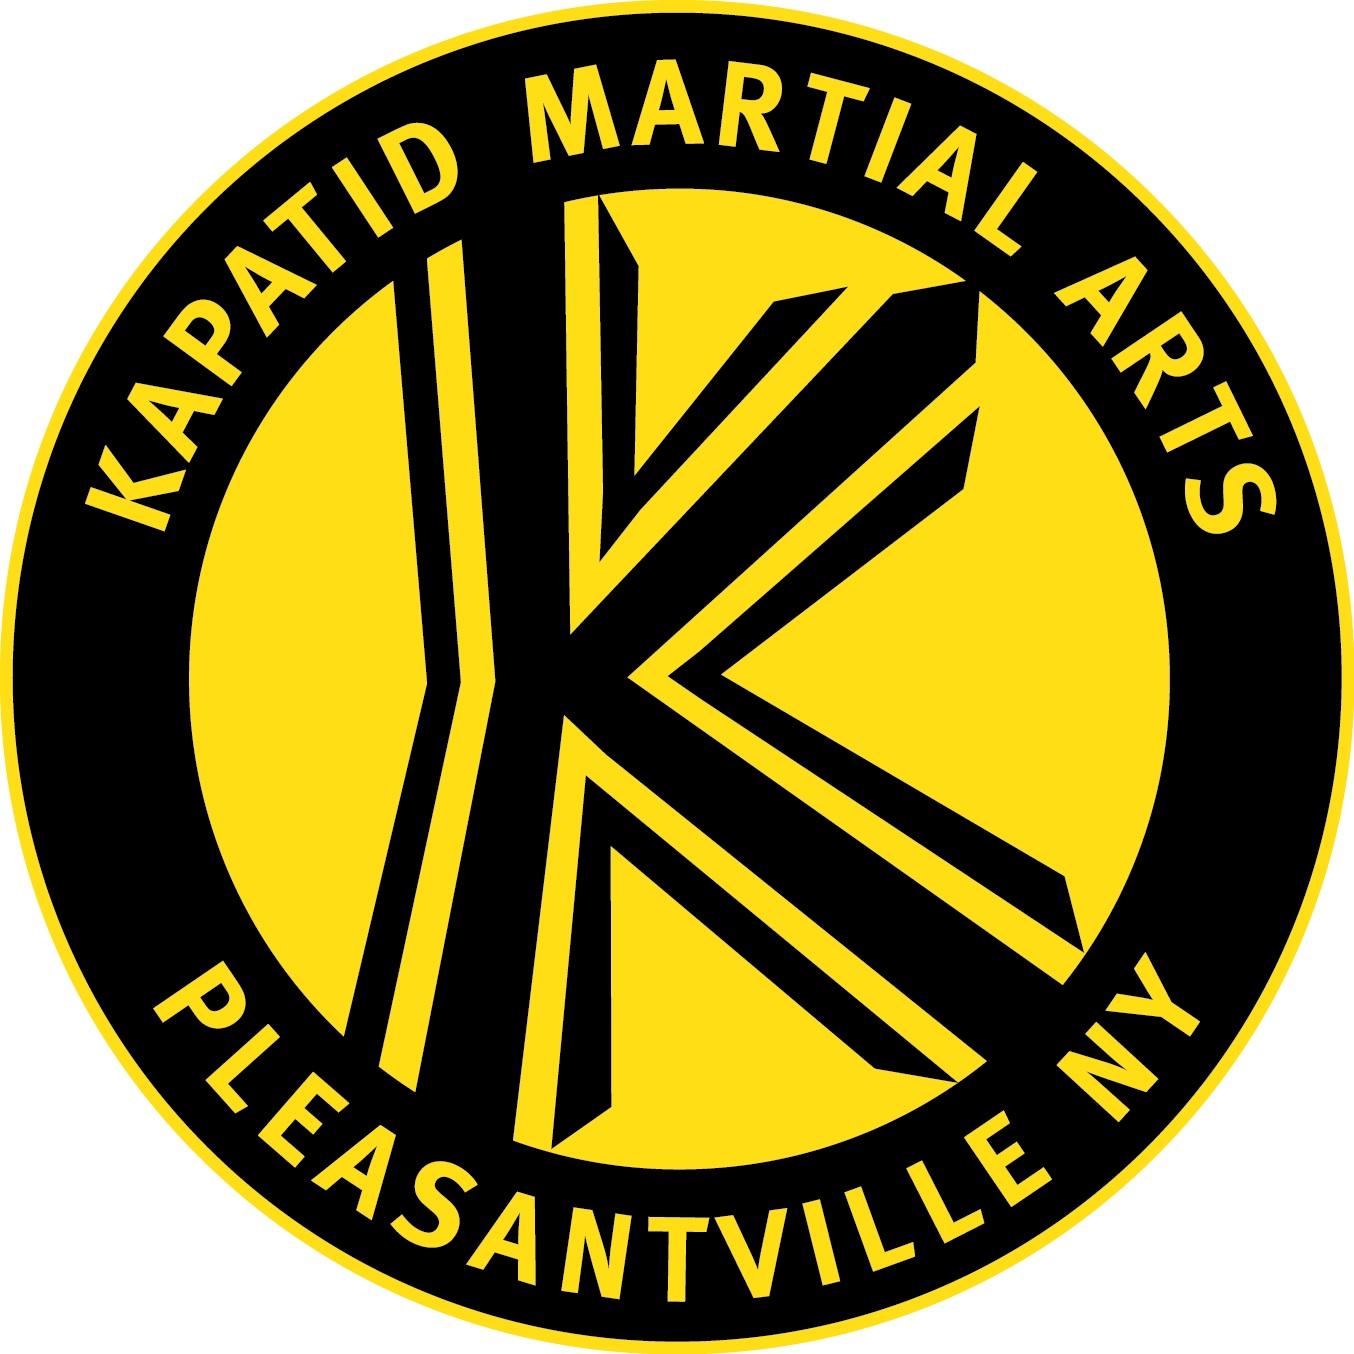 Kapatid Martial Arts